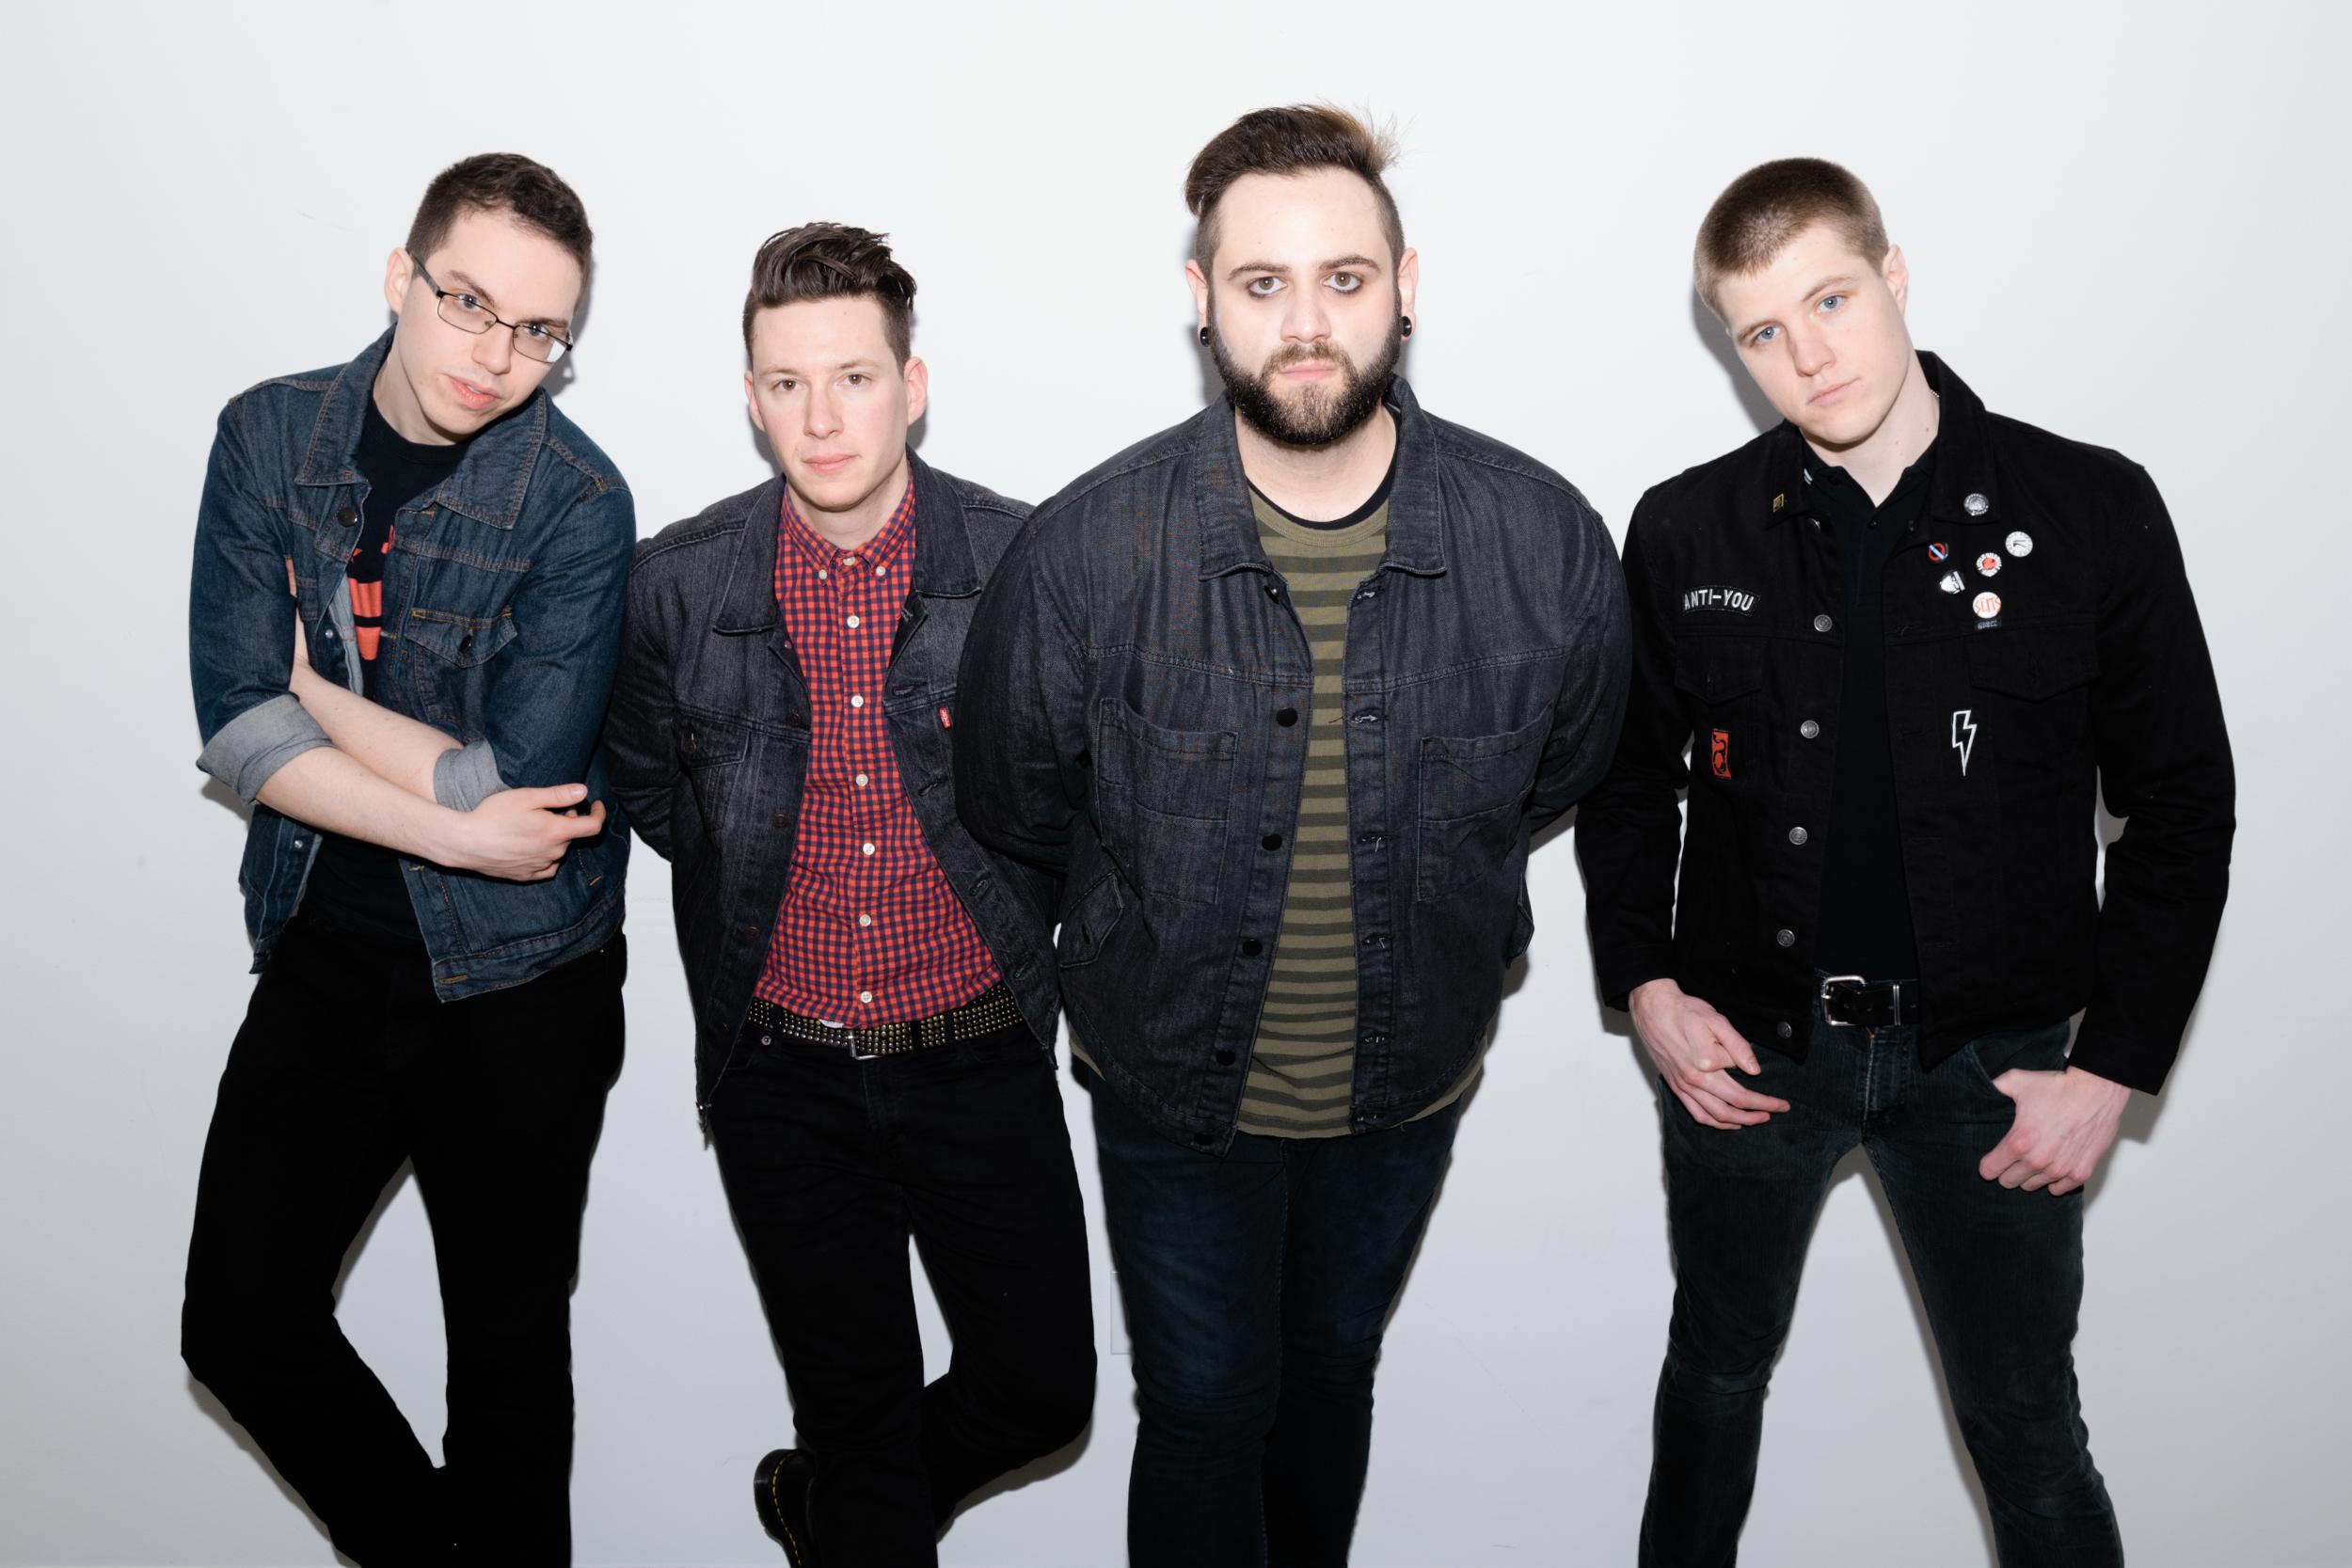 Alex, Sean, Derek, Drew  Photo by Karlin Villondo Photography